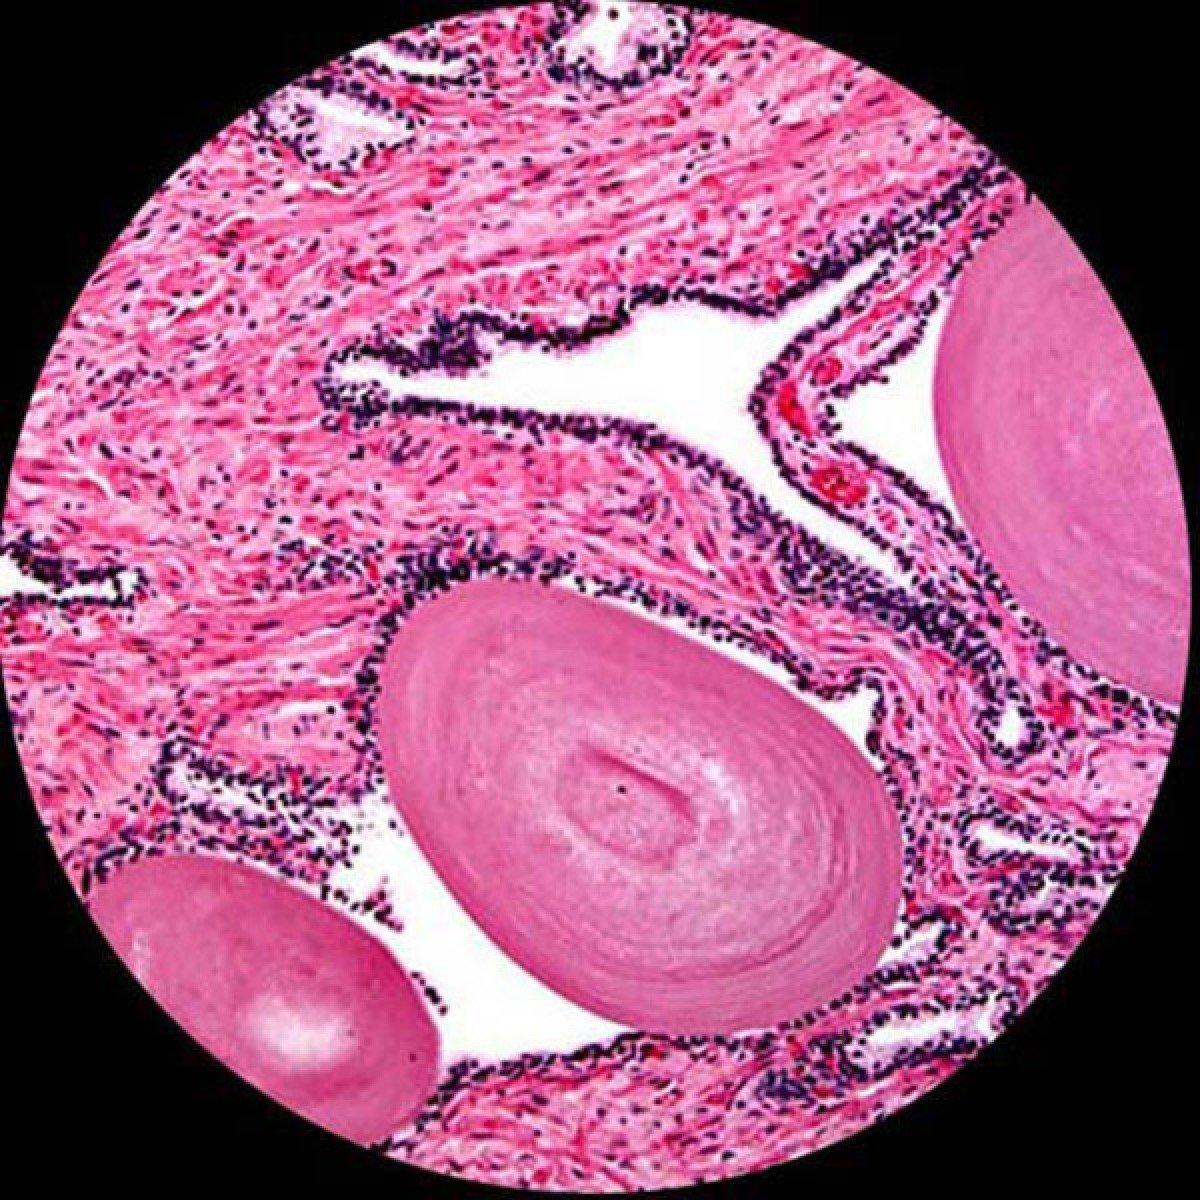 生物显微镜下观察到的细胞